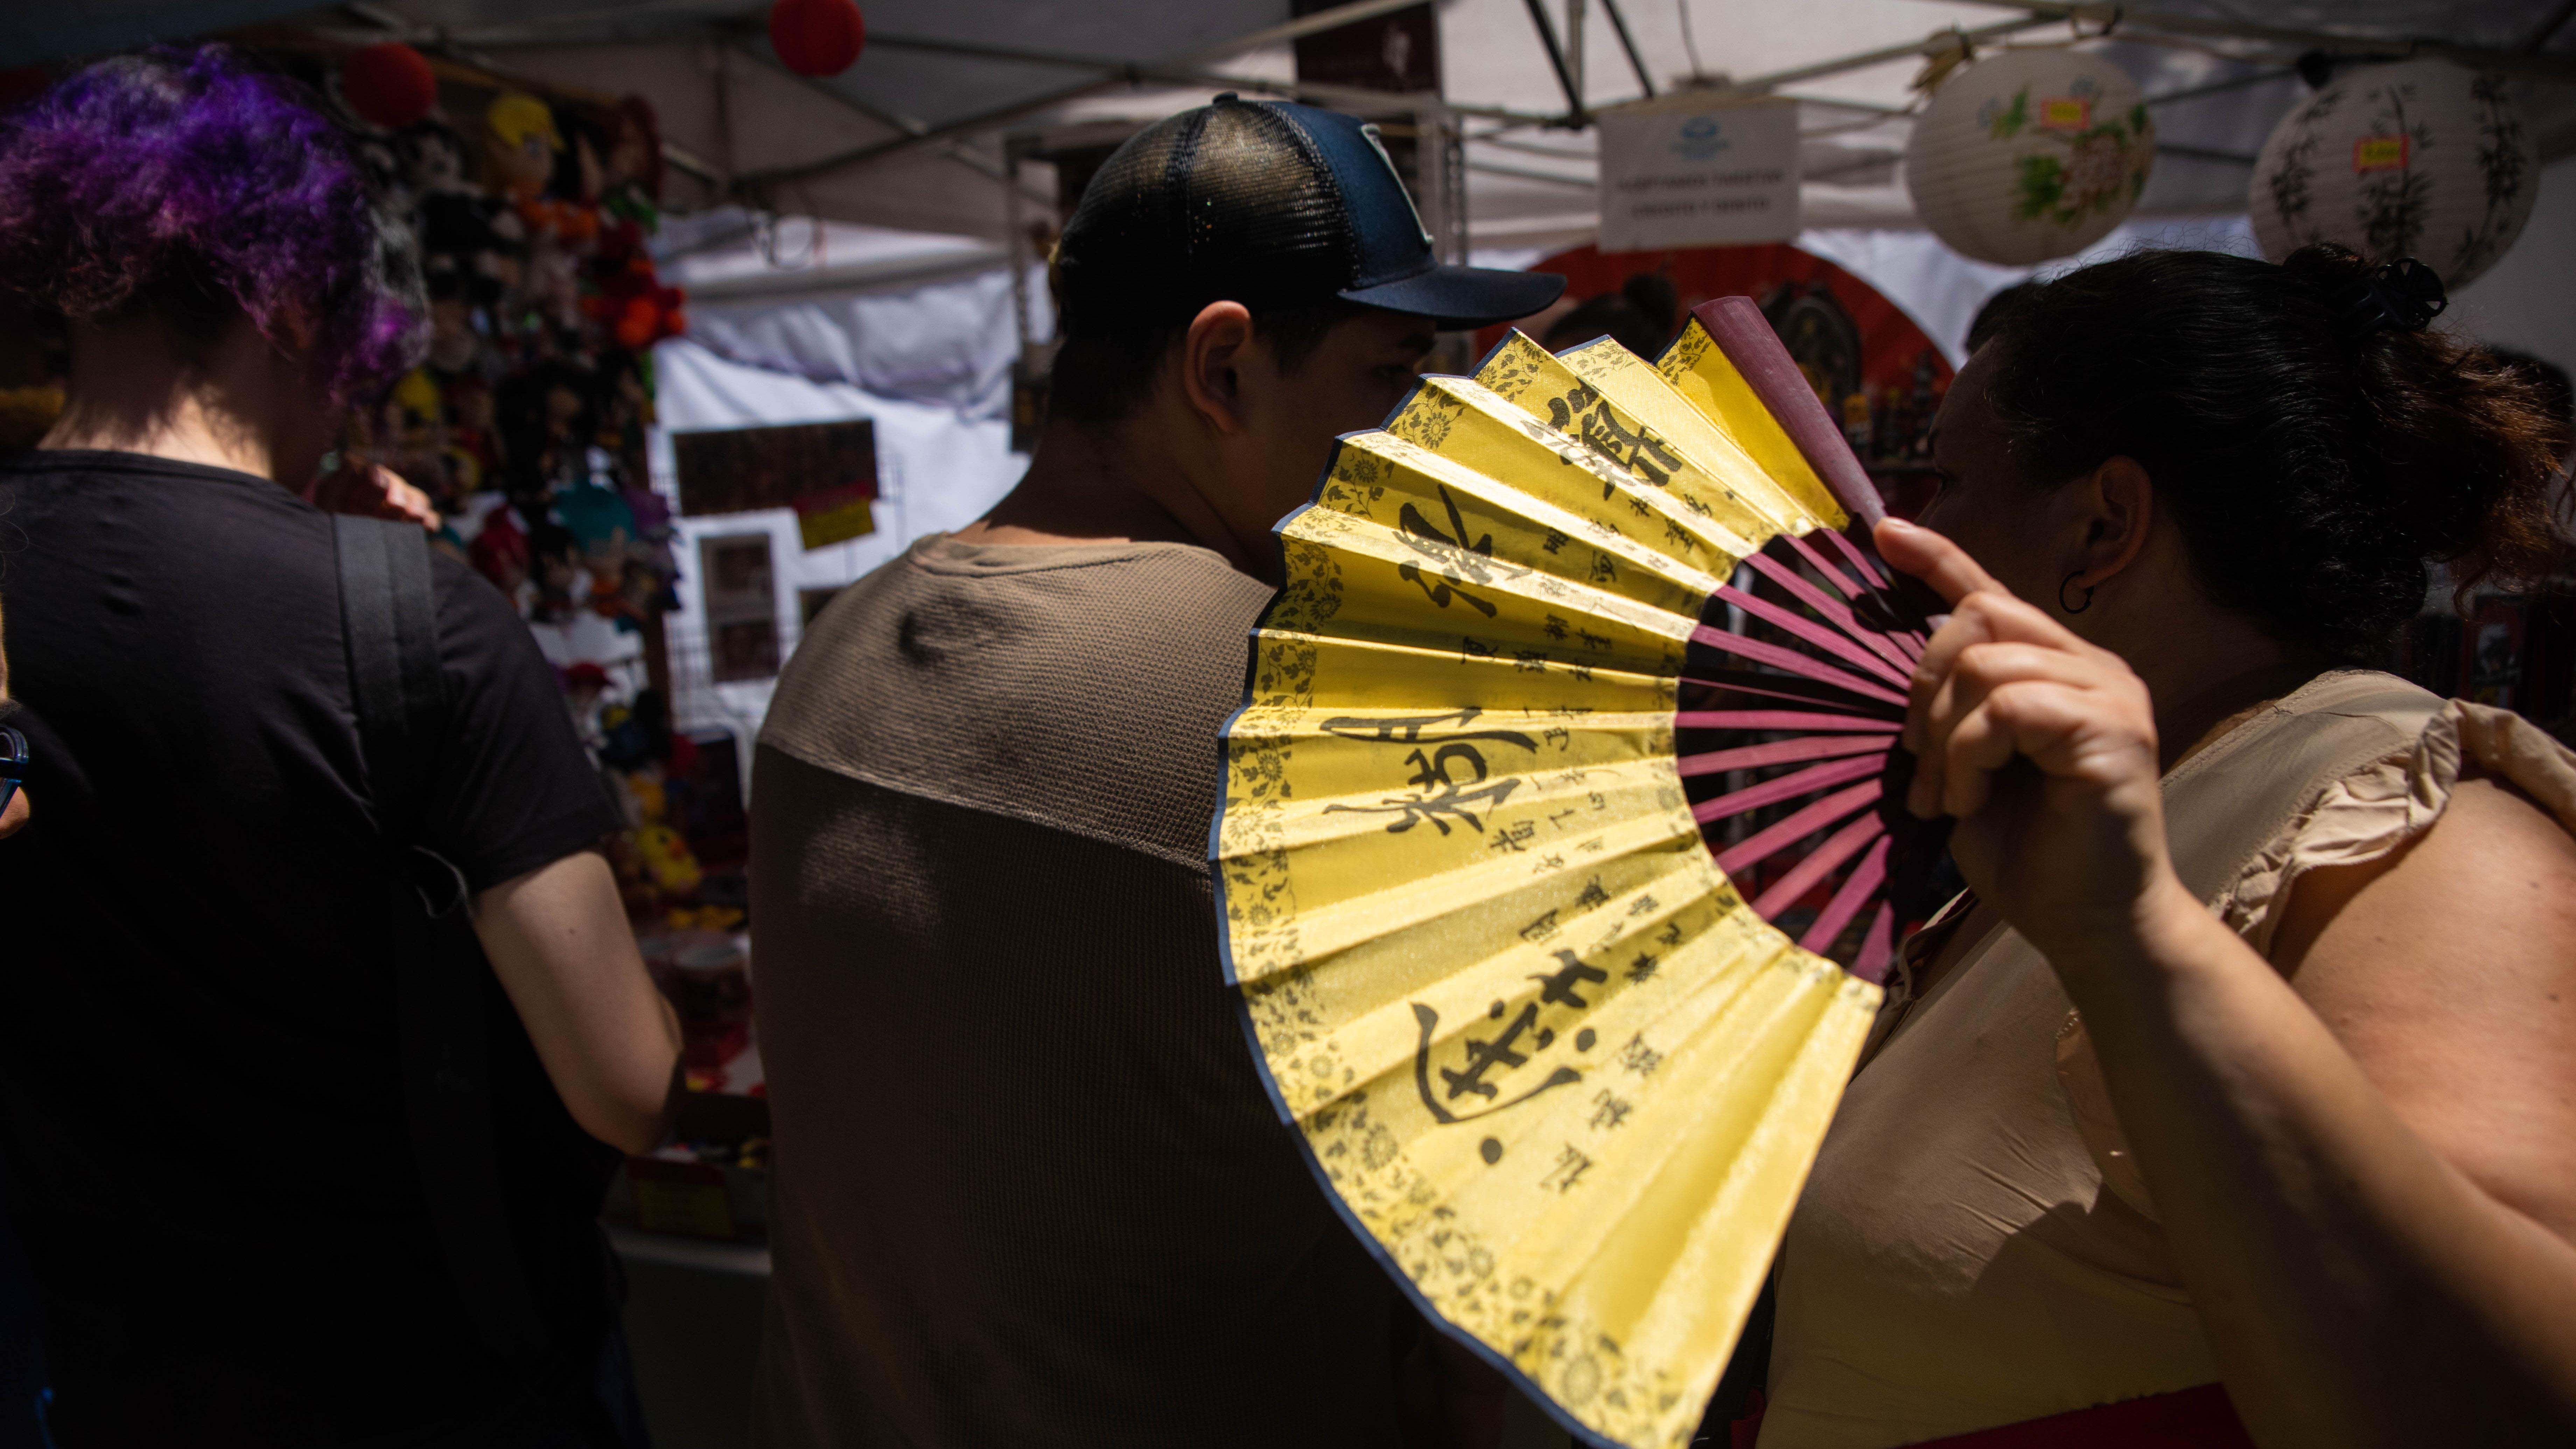 La gente aprovechó para comprar todo tipo de productos de origen chino.